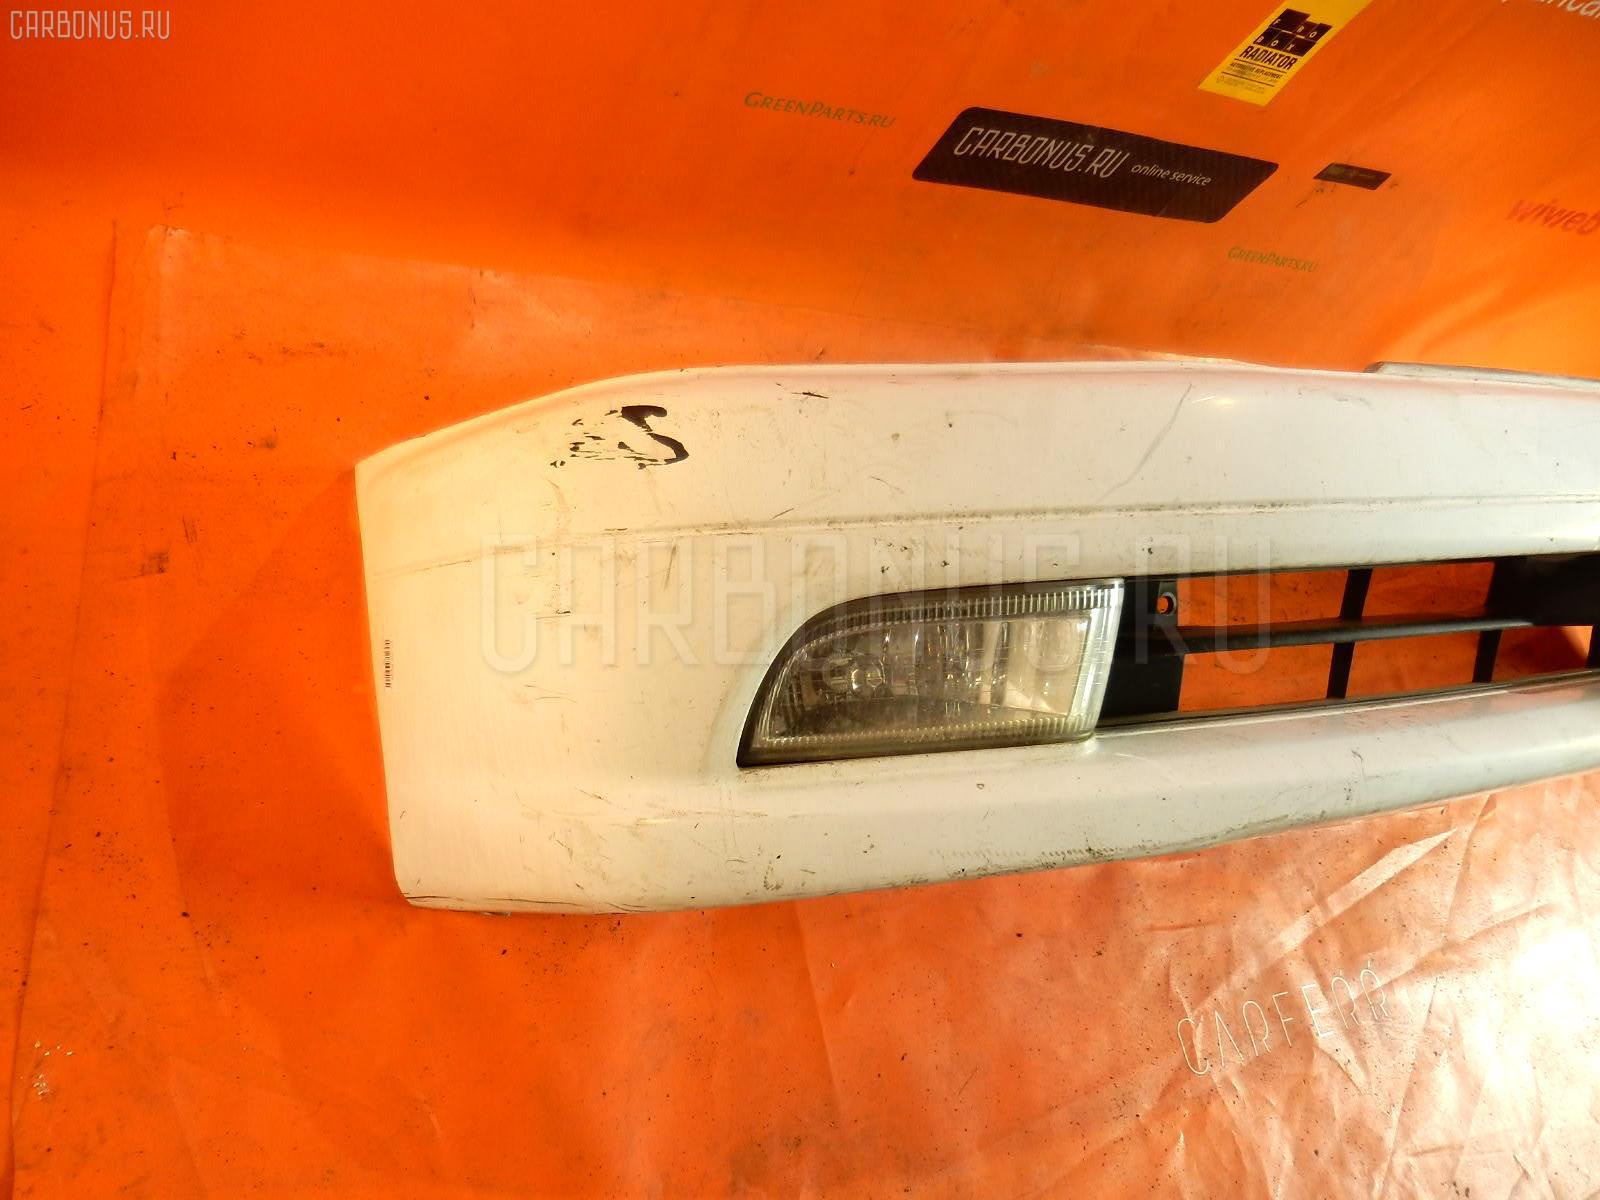 Toyota Карина ат 212 #11